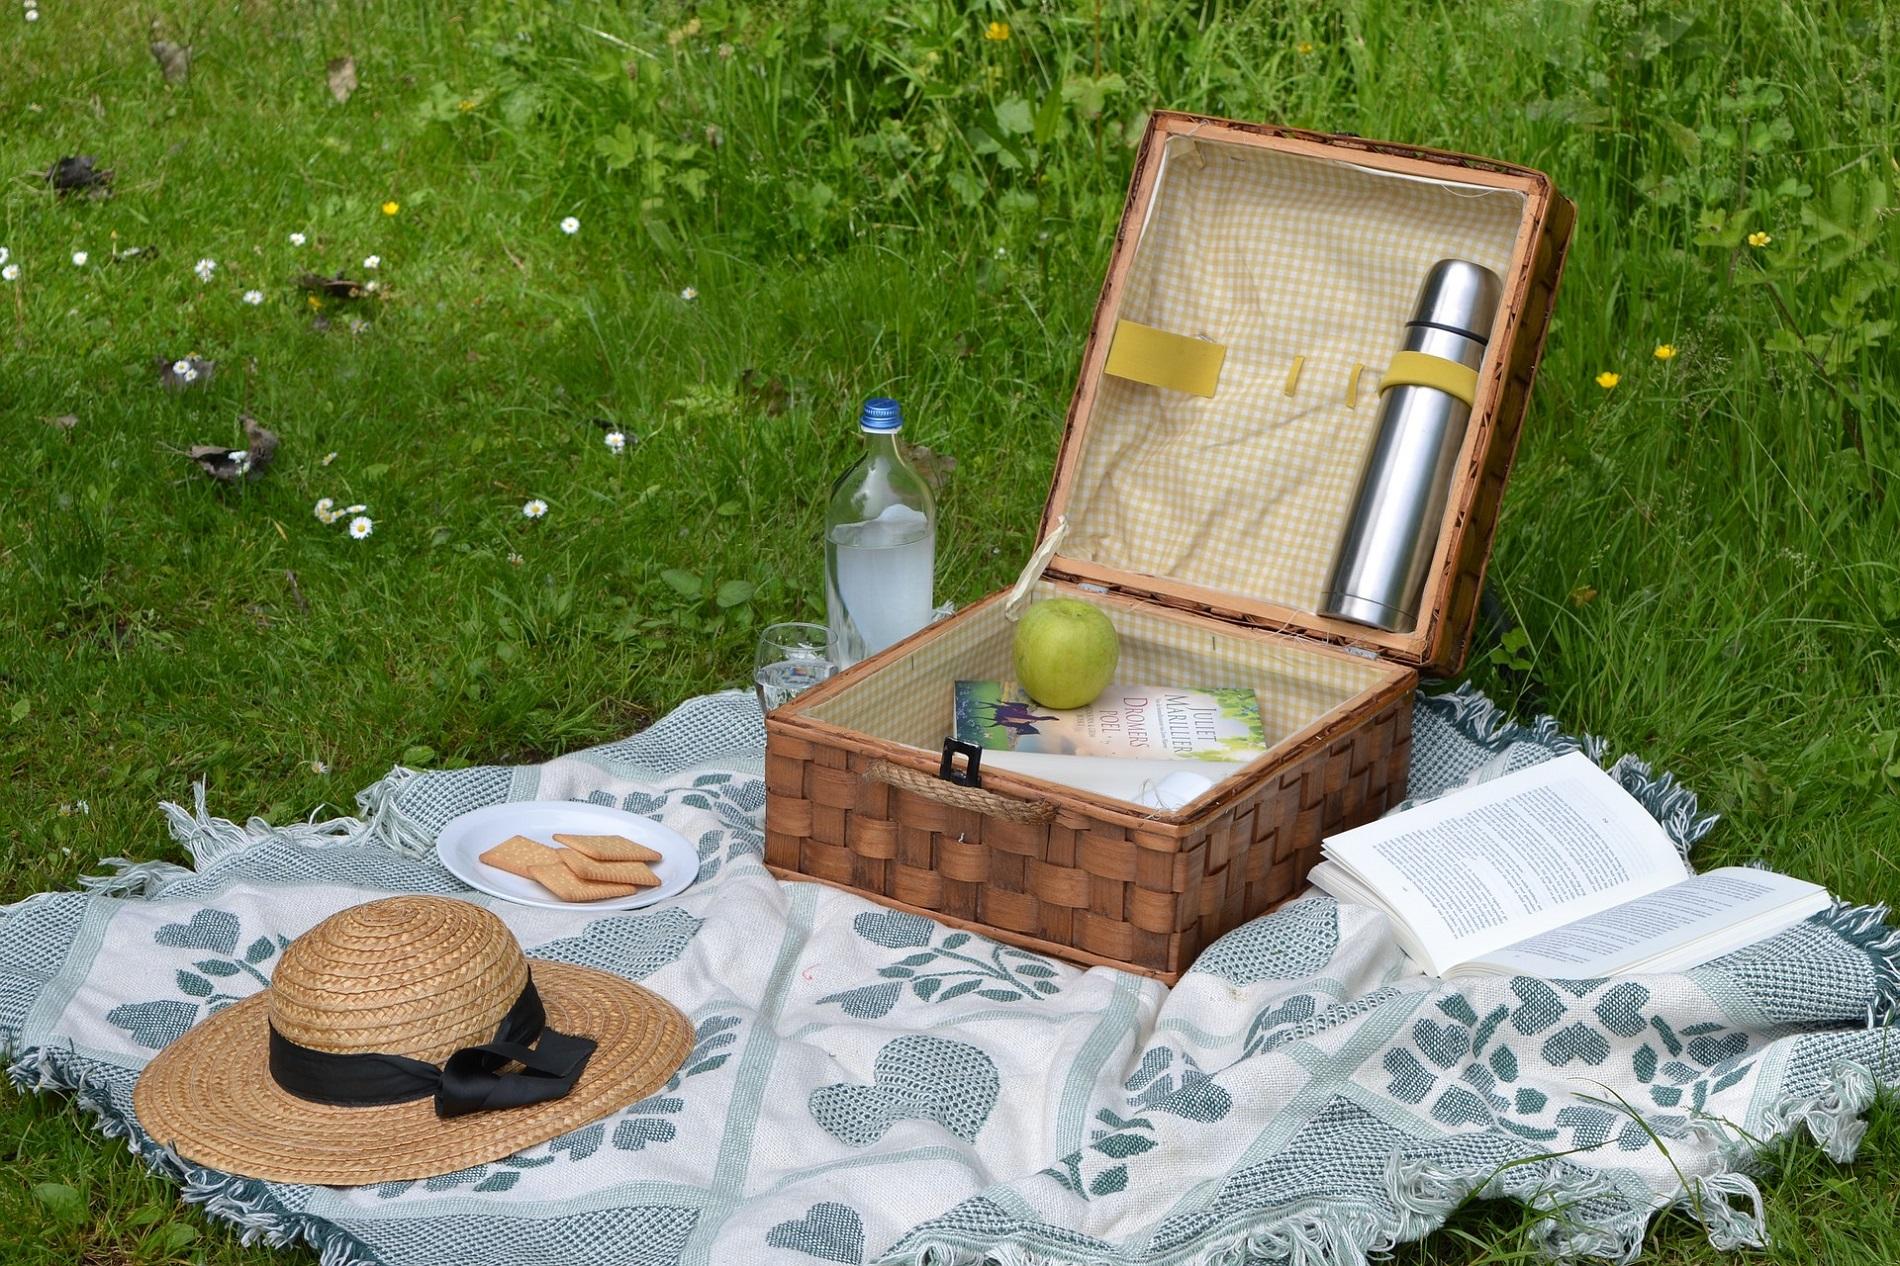 Magnifique panier pique-nique pour un déjeuner sur l'herbe chic et champêtre